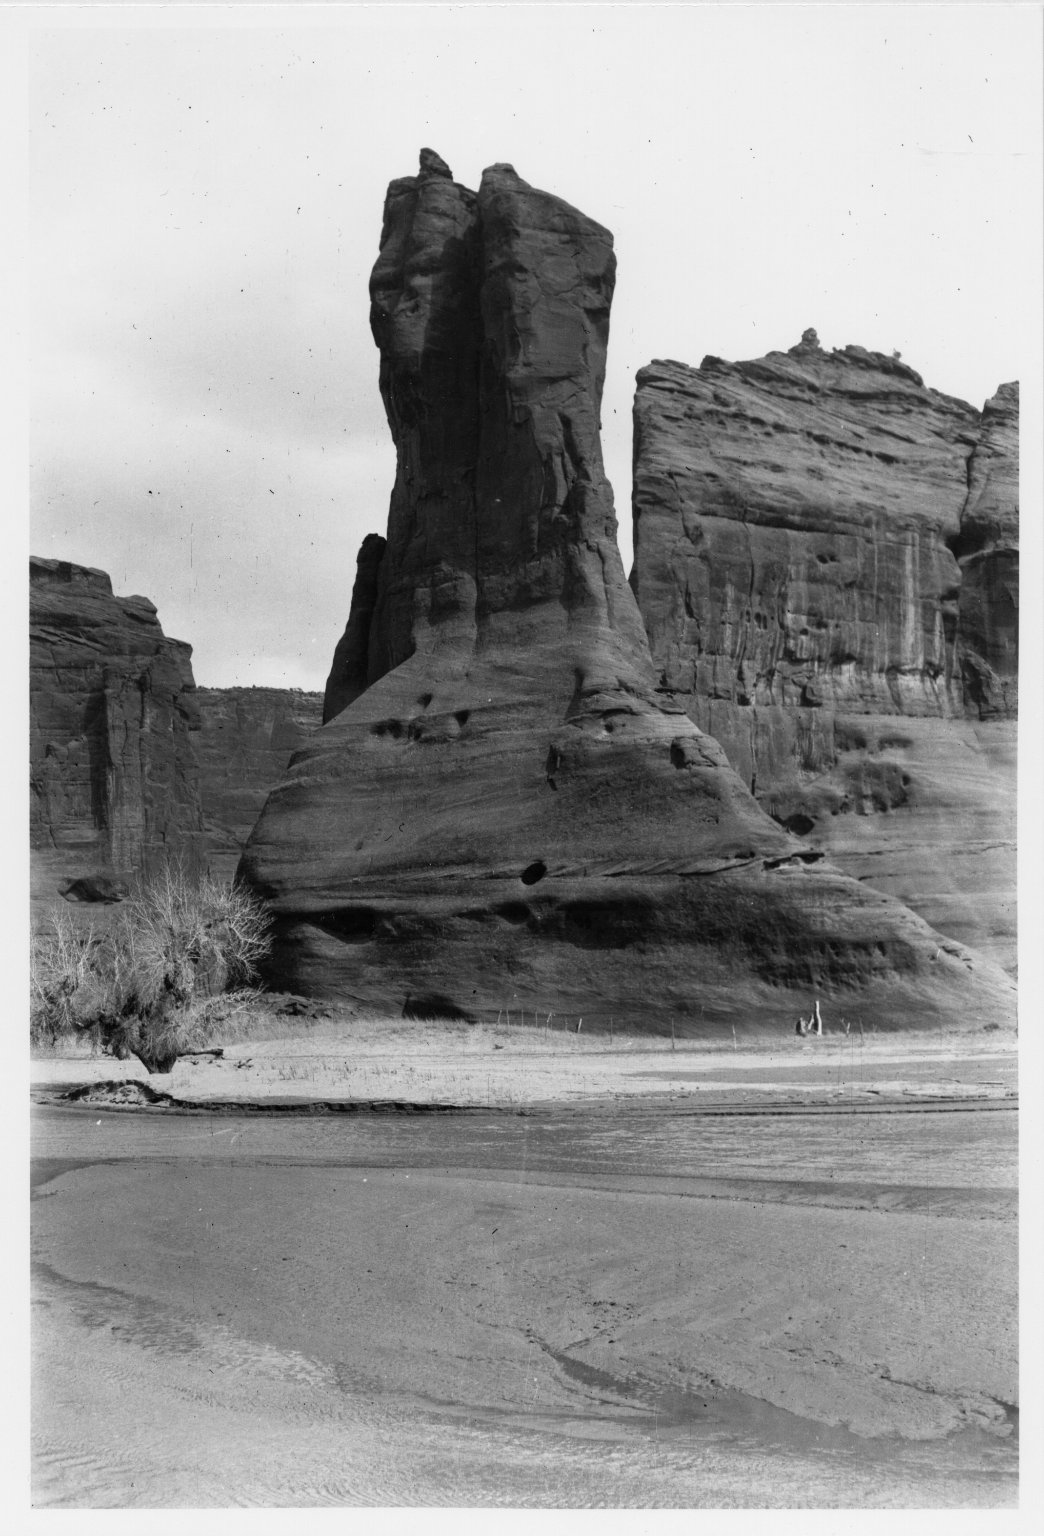 Southwest desert view